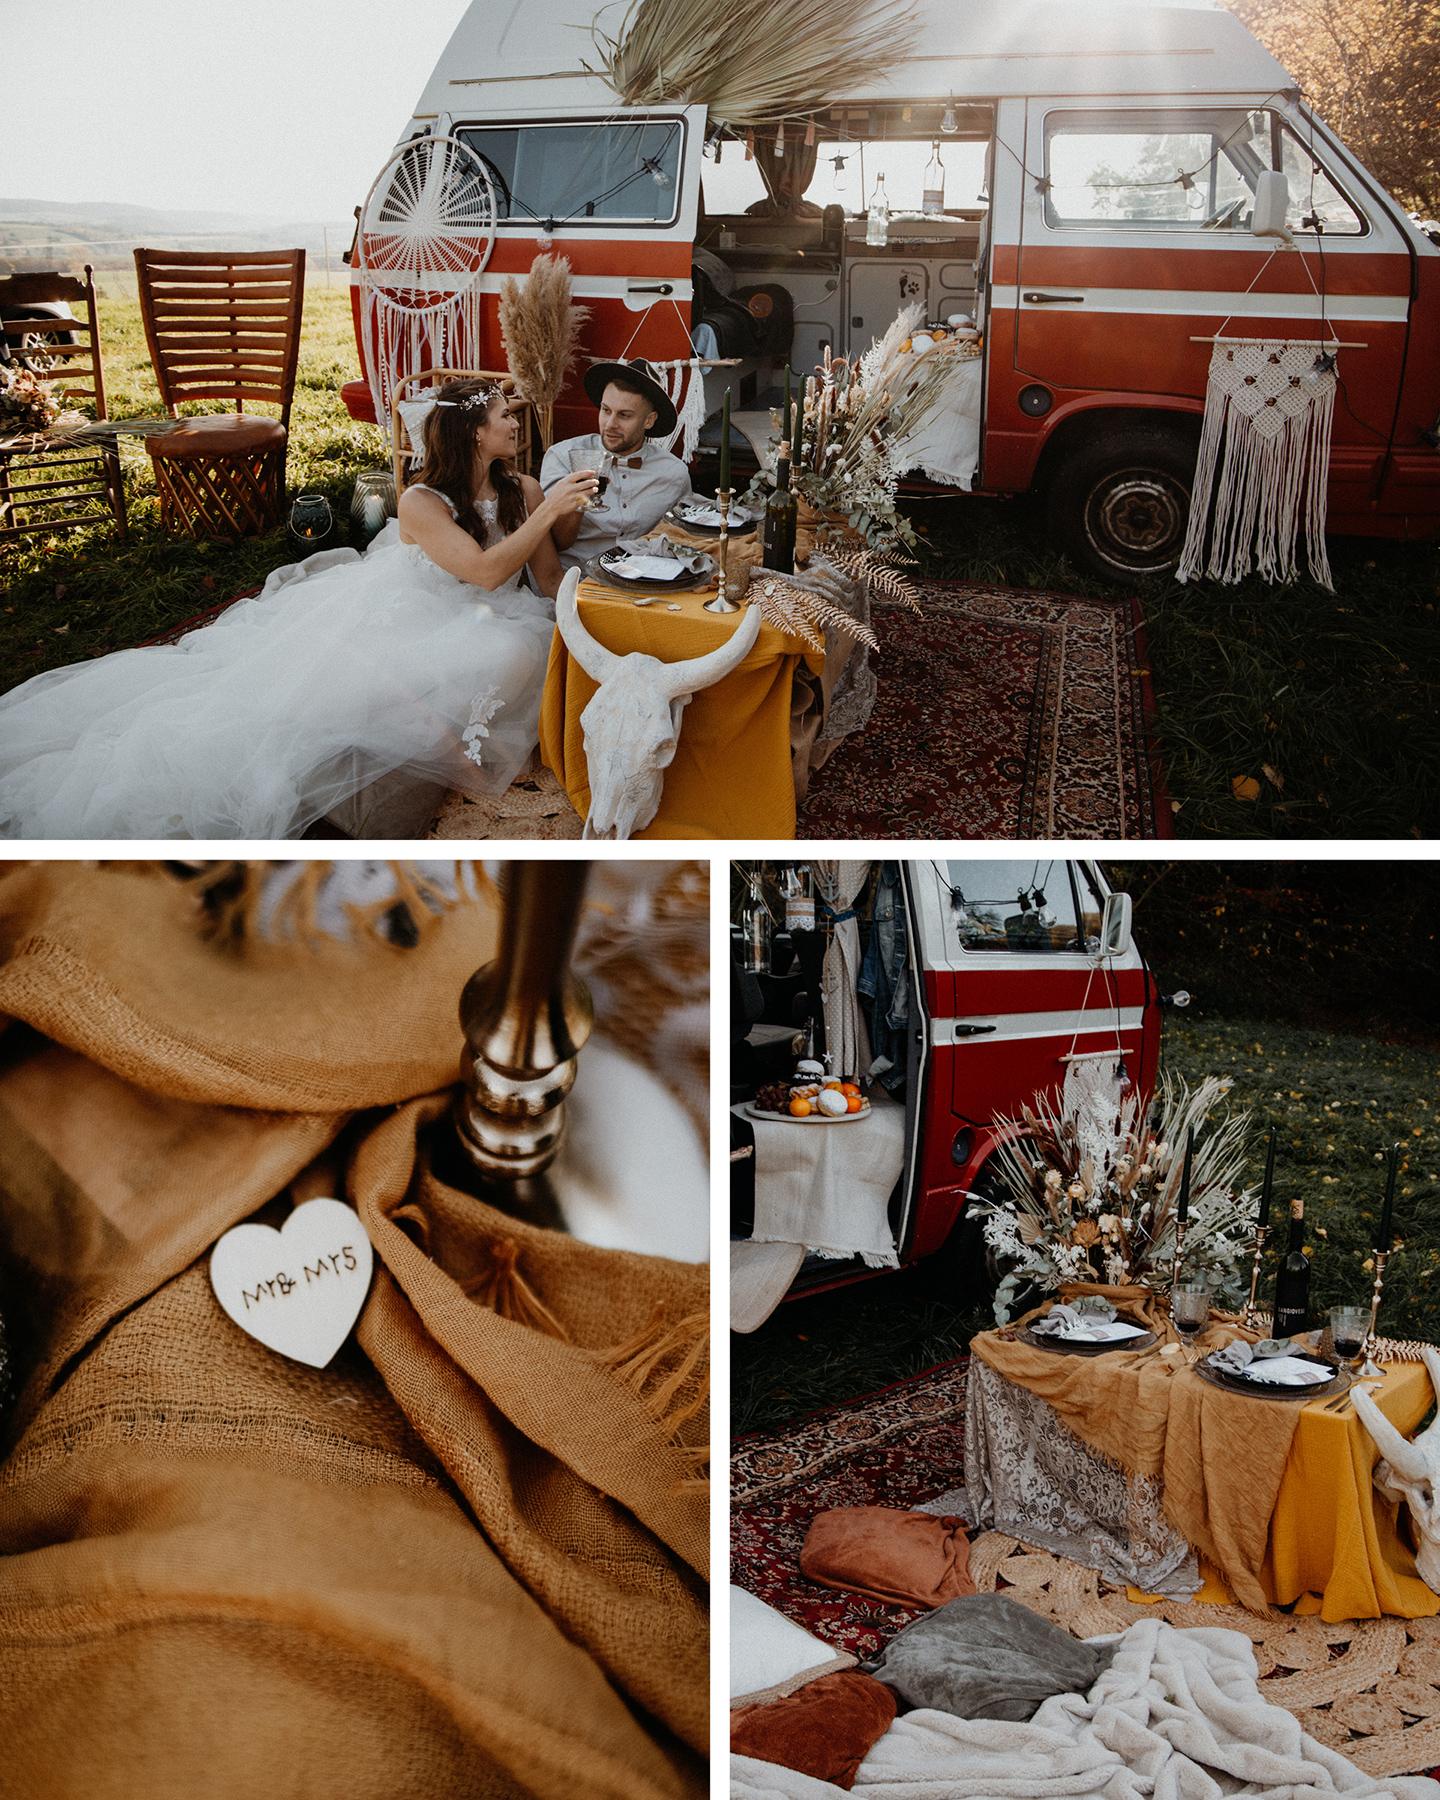 Brautpaar picknickt vor Hochzeitsbulli im Bohostil mit Traumfängern und Makramee-Elementen.